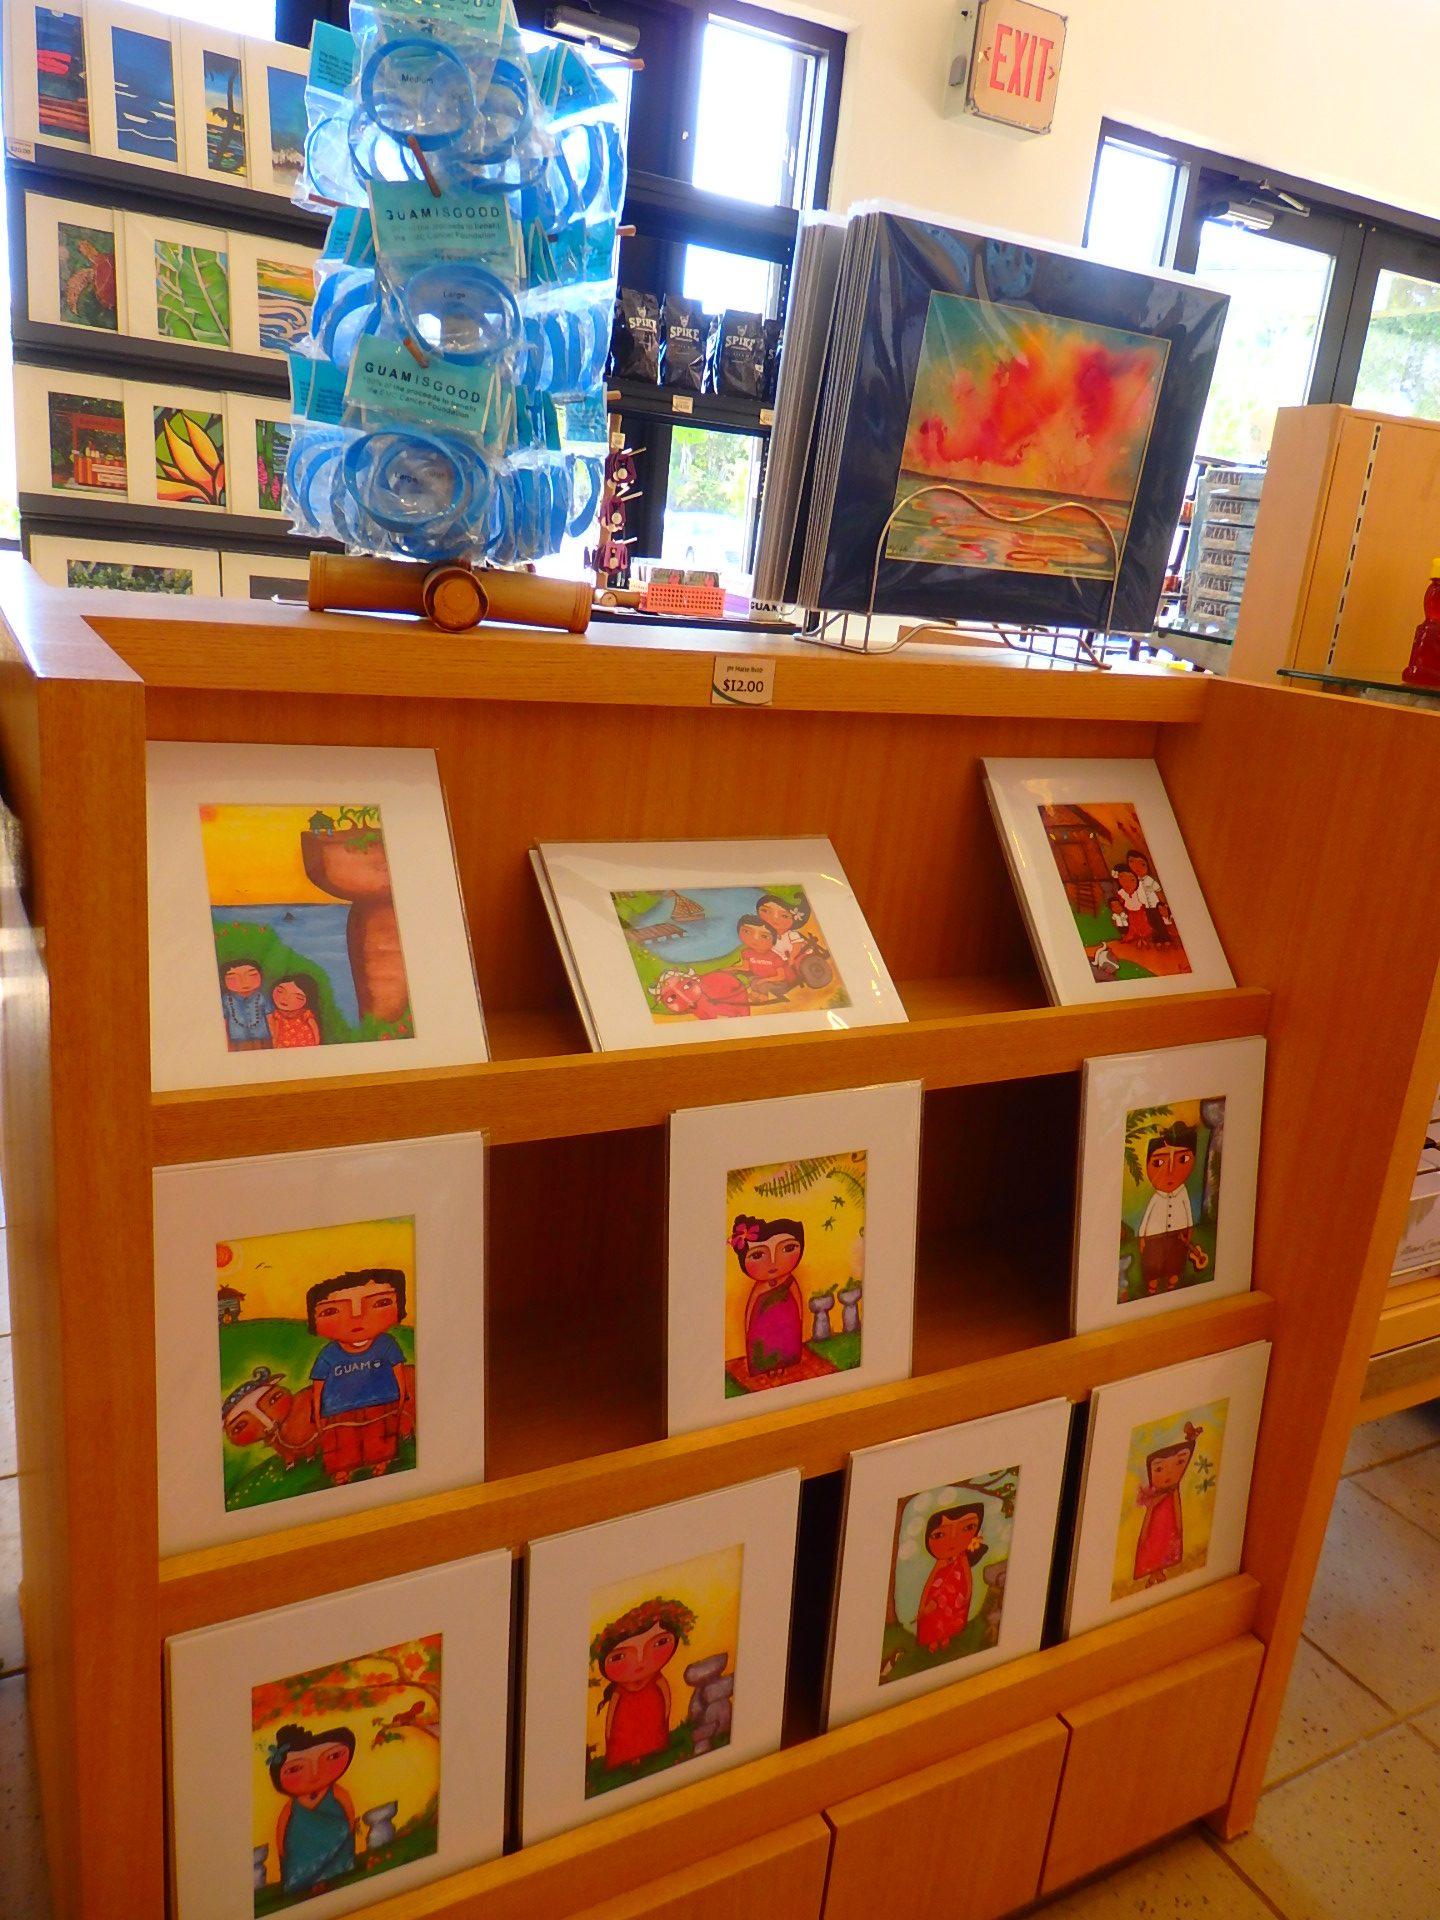 素朴なタッチでのどかなグアムを描いた絵画、オリジナルの販売もしています